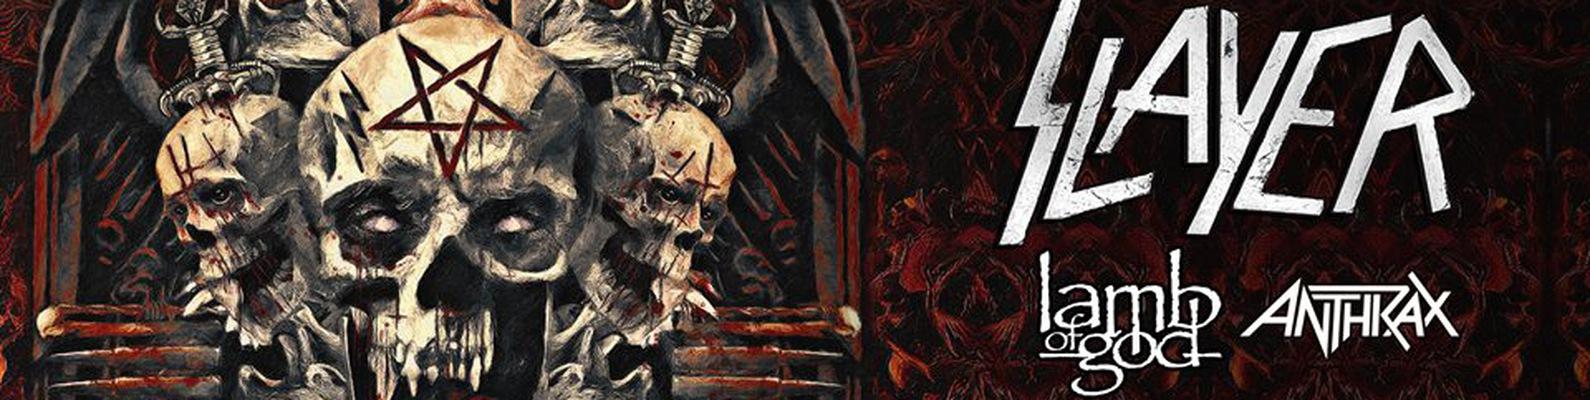 Slayer на алтаре успеха fb2 скачать бесплатно